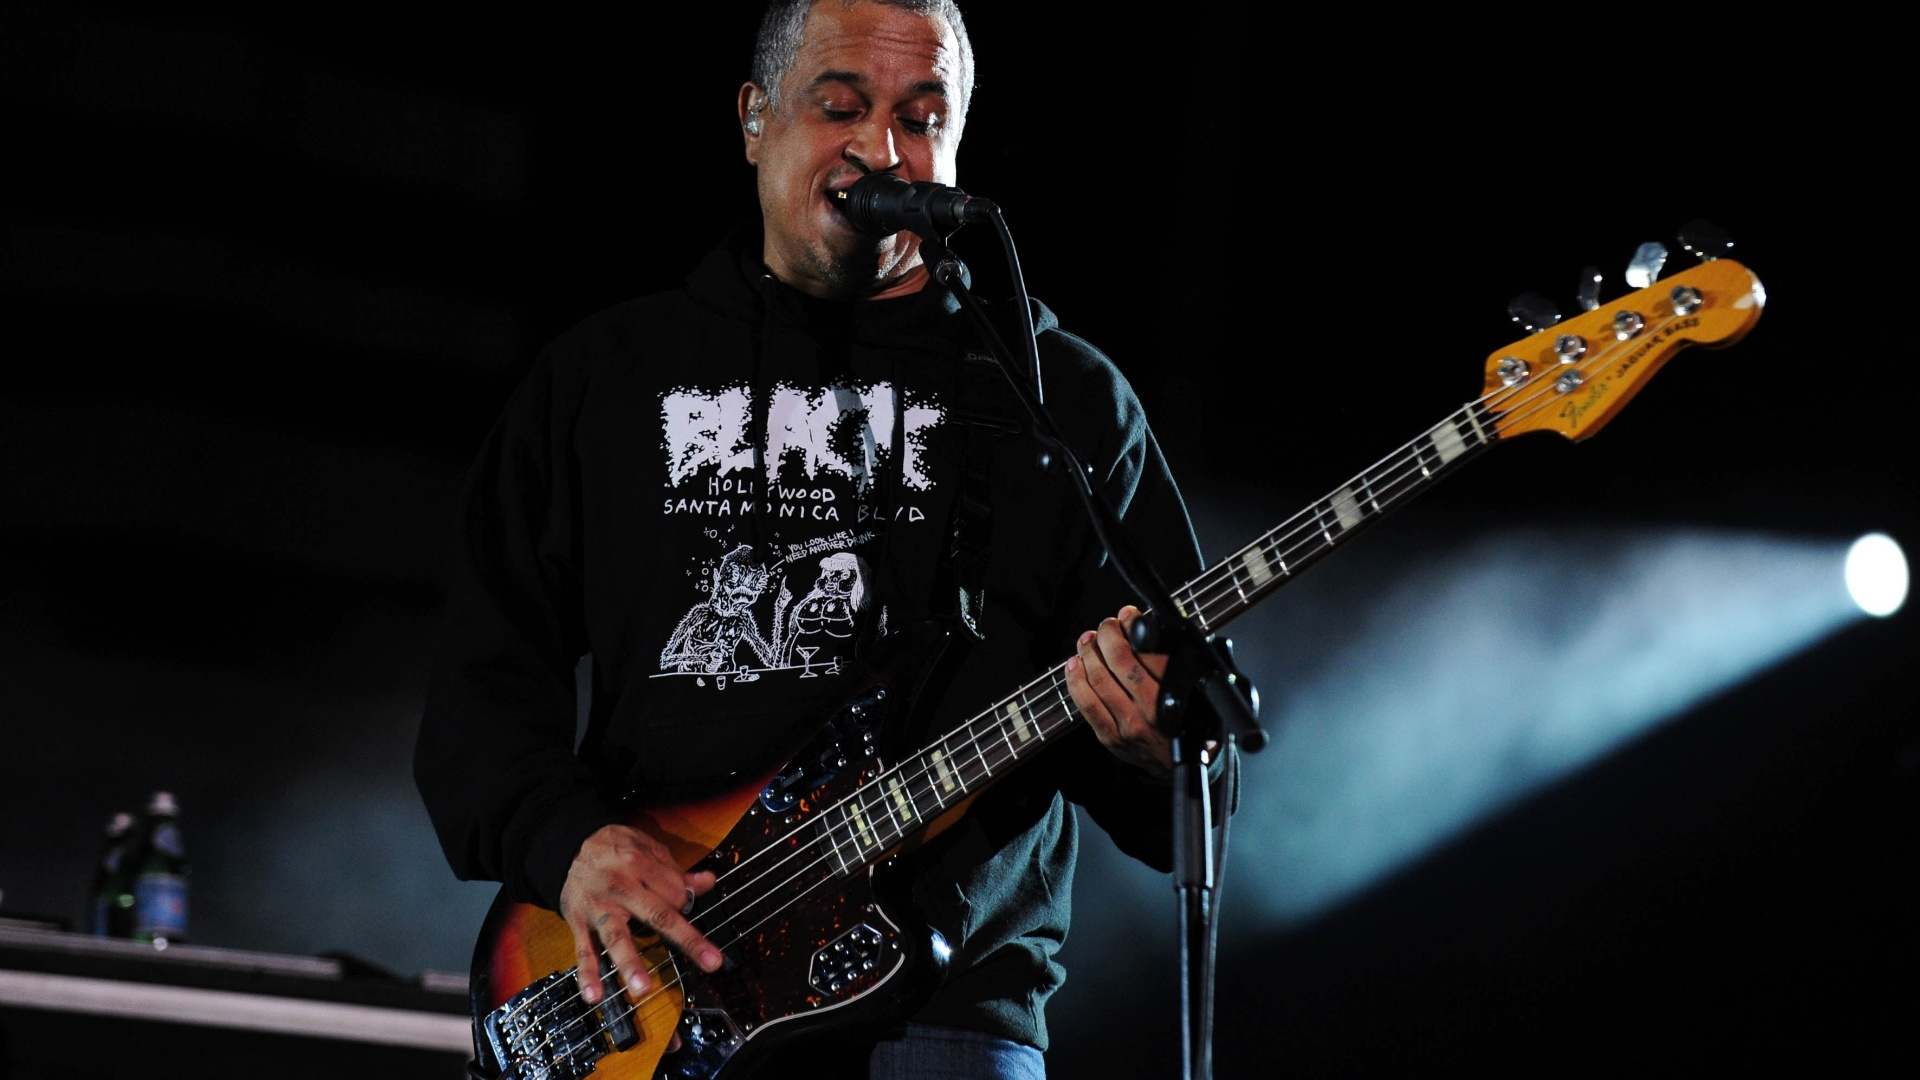 25.set.2015 - O baixista Sergio Vega durante show da banda Deftones em São Paulo